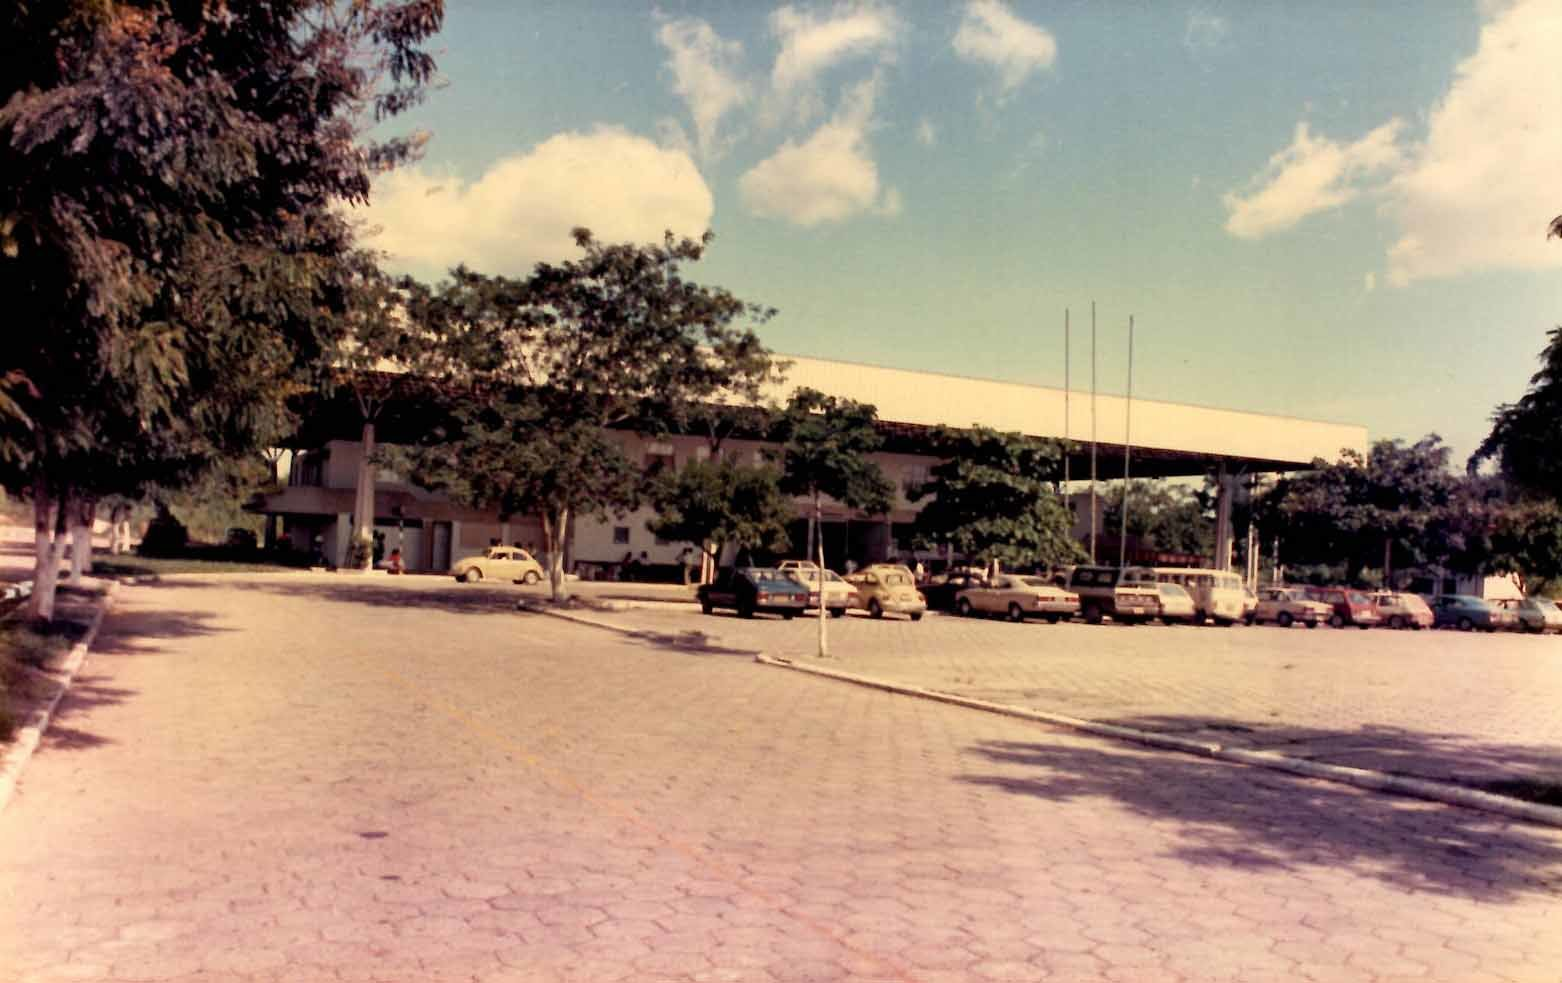 Fotografia da rodoviária de Manaus - Instituto Durango Duarte